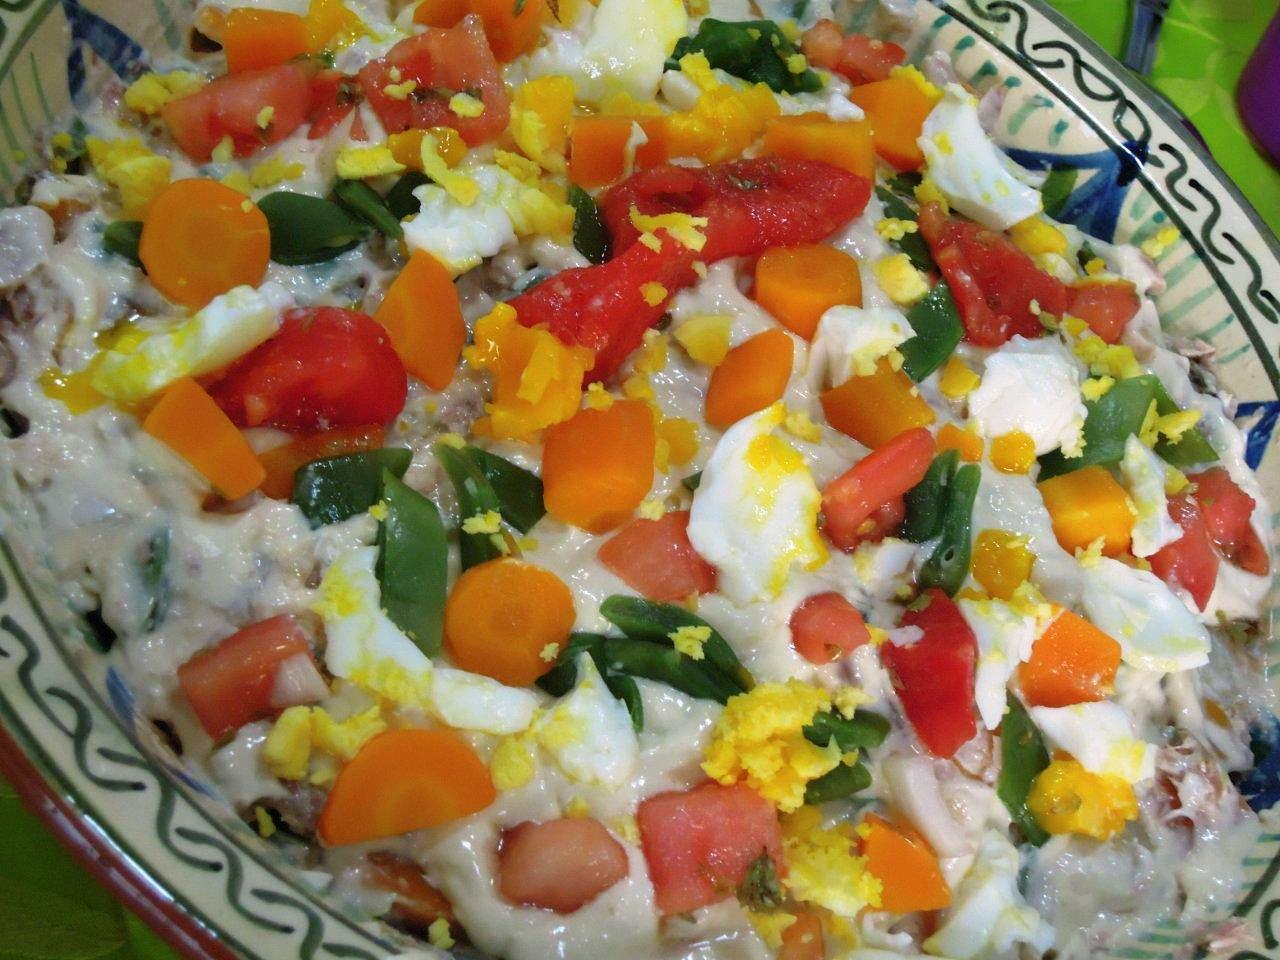 salada russa com atum Salada russa com atum, faz bem à linha (4 pessoas) DSCN2626